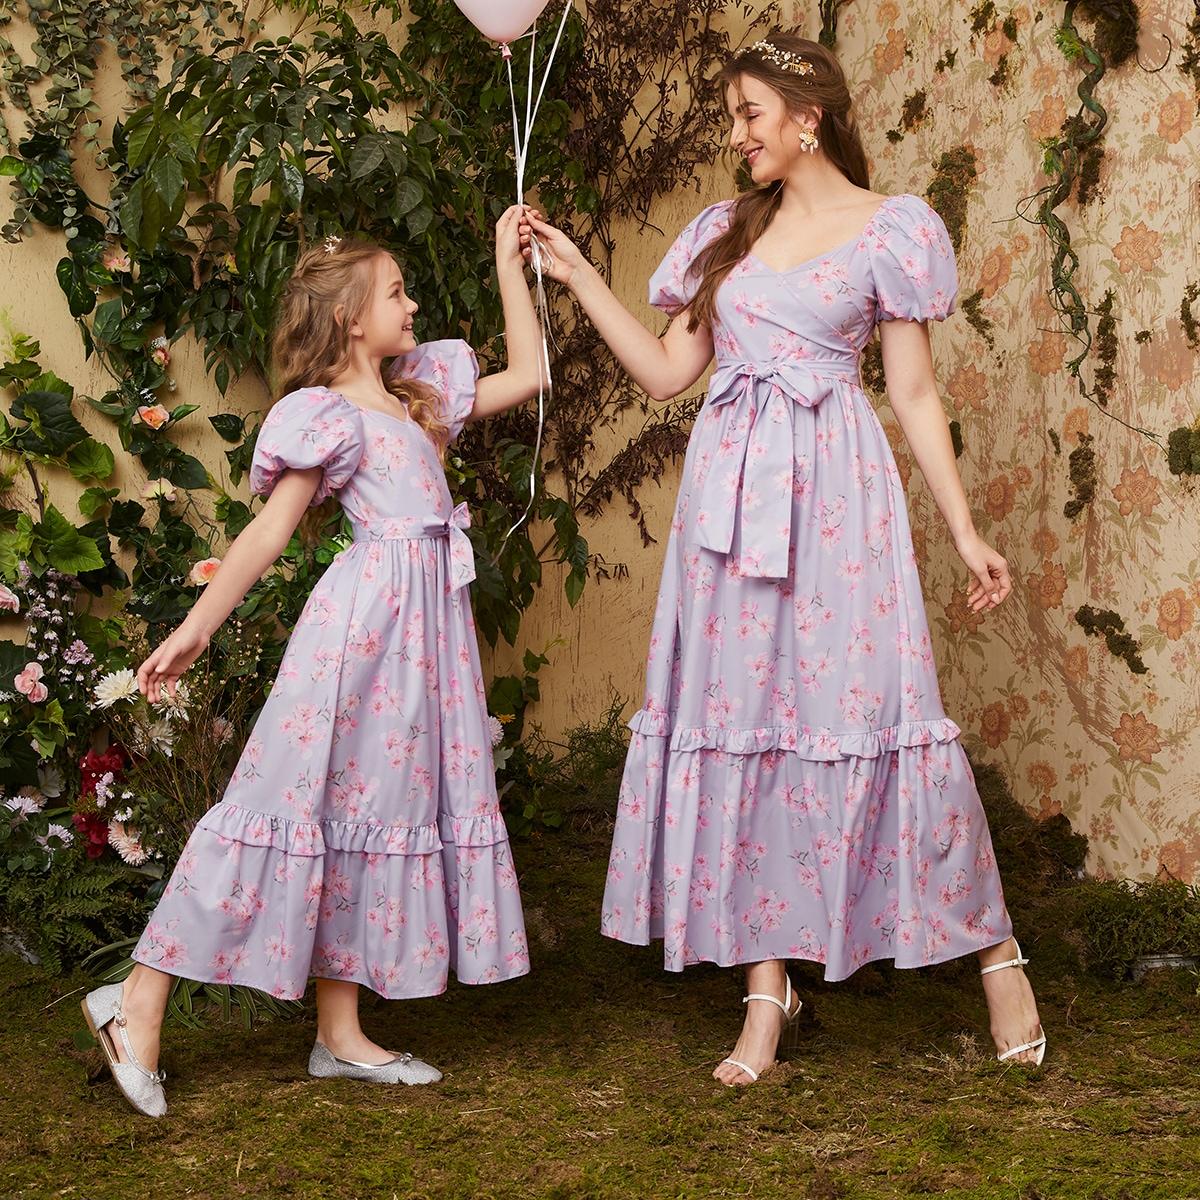 Mädchen 1 Stück Kleid mit Puffärmeln, Selbstgürtel und Blumen Muster